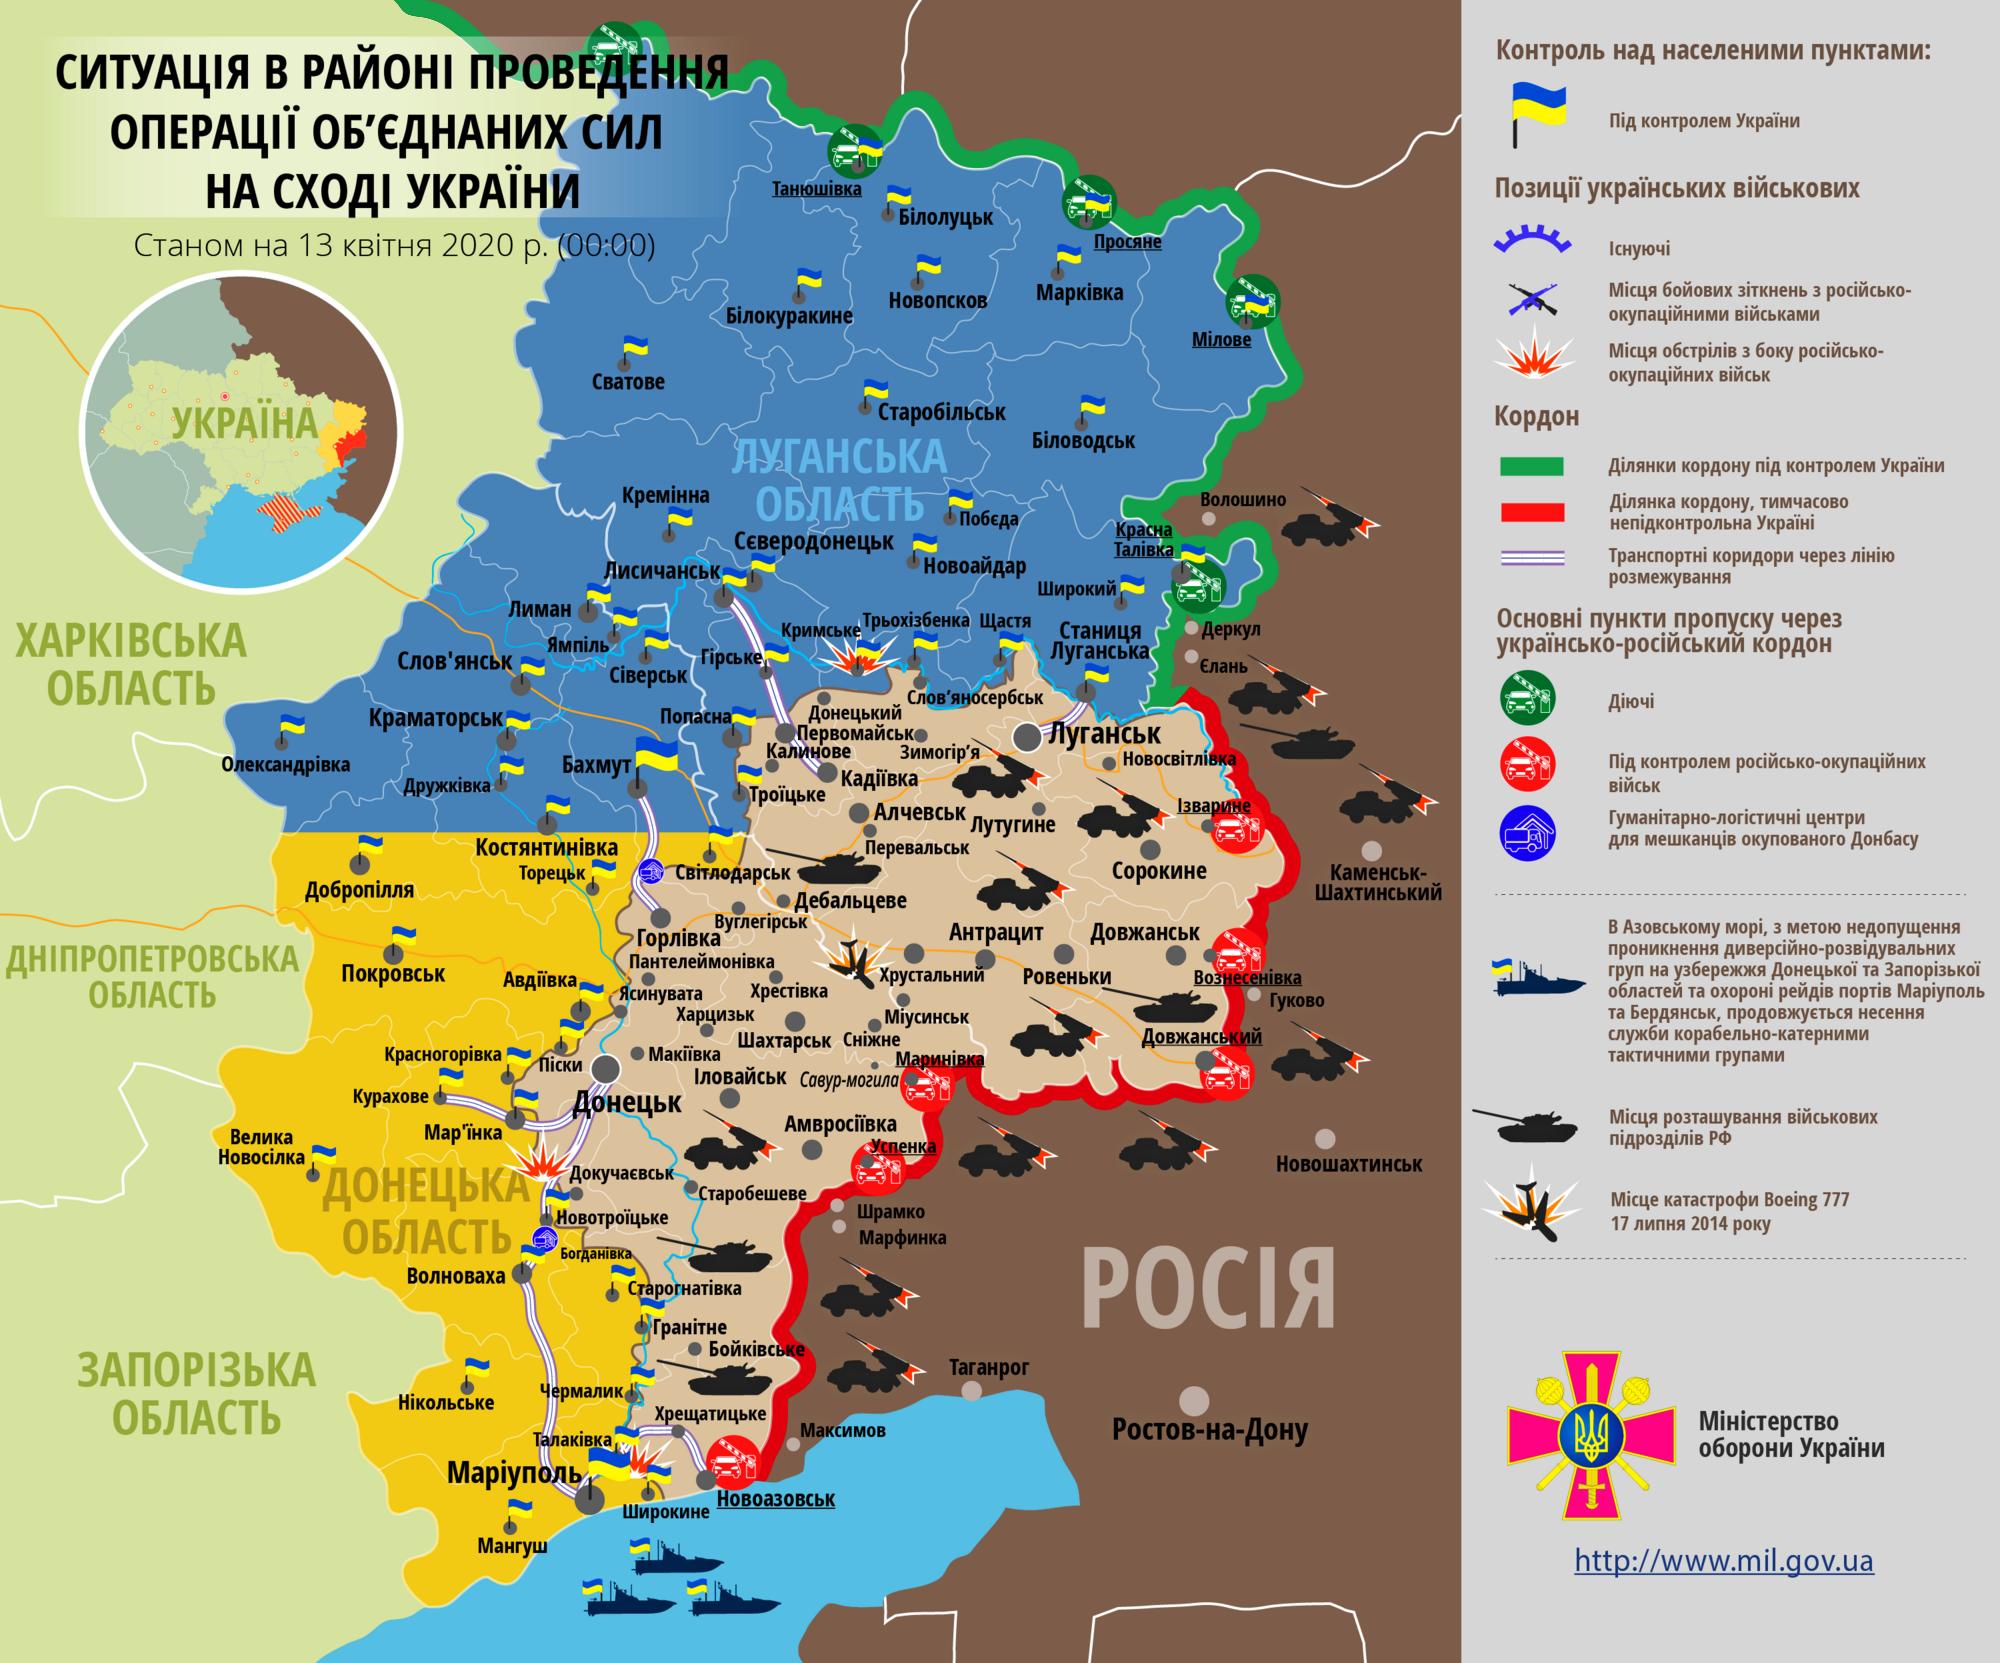 Ситуація в зоні проведення ООС на Донбасі 13 квітня